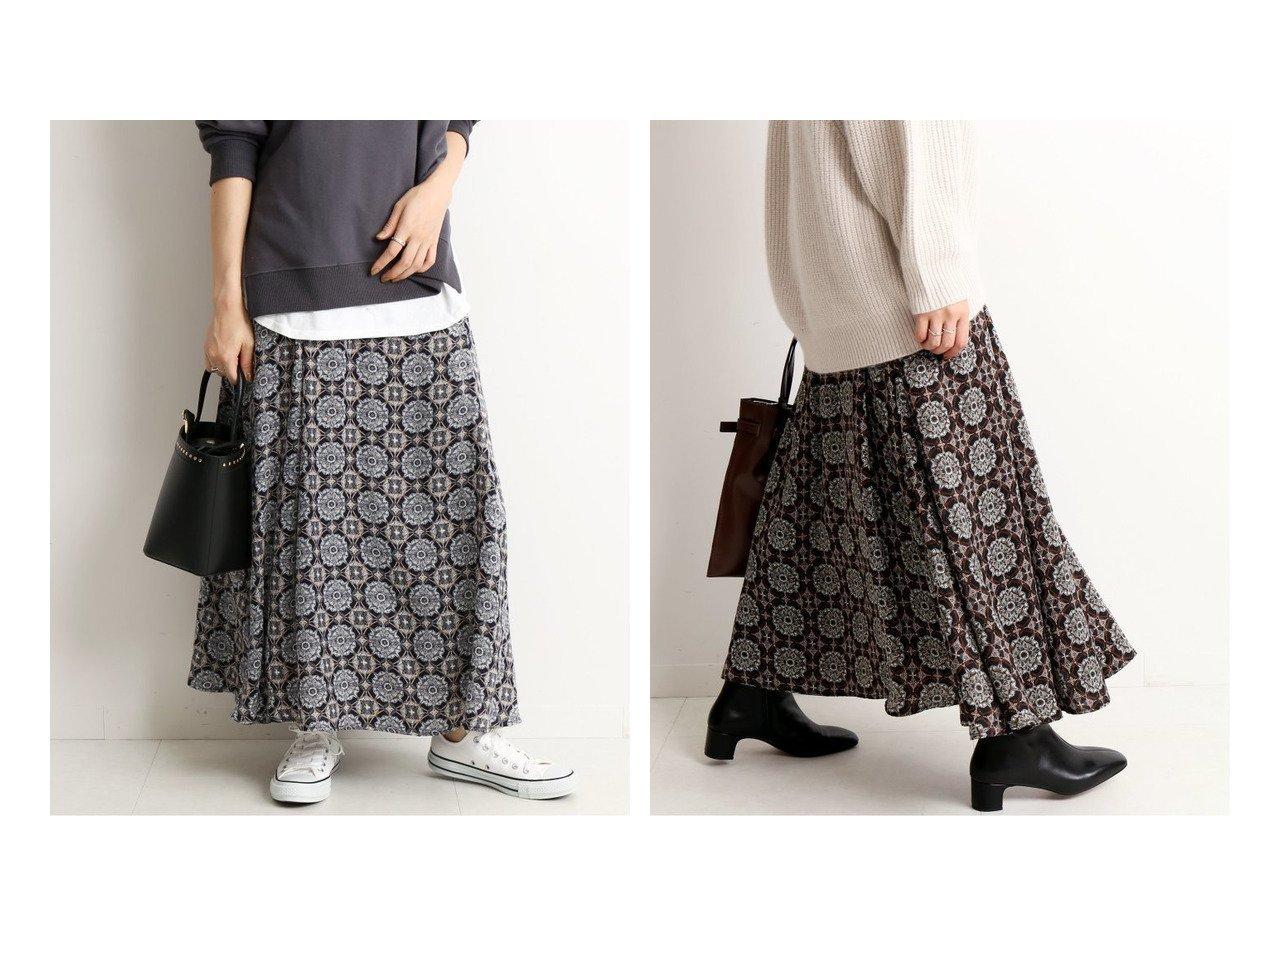 【SLOBE IENA/スローブ イエナ】の《追加》ビンテージタイル柄ロングフレアスカート スカートのおすすめ!人気、トレンド・レディースファッションの通販 おすすめで人気の流行・トレンド、ファッションの通販商品 メンズファッション・キッズファッション・インテリア・家具・レディースファッション・服の通販 founy(ファニー) https://founy.com/ ファッション Fashion レディースファッション WOMEN スカート Skirt Aライン/フレアスカート Flared A-Line Skirts オリエンタル サテン ショルダー フレア プリント A/W 秋冬 AW Autumn/Winter / FW Fall-Winter 2020年 2020 2020-2021 秋冬 A/W AW Autumn/Winter / FW Fall-Winter 2020-2021 |ID:crp329100000012891